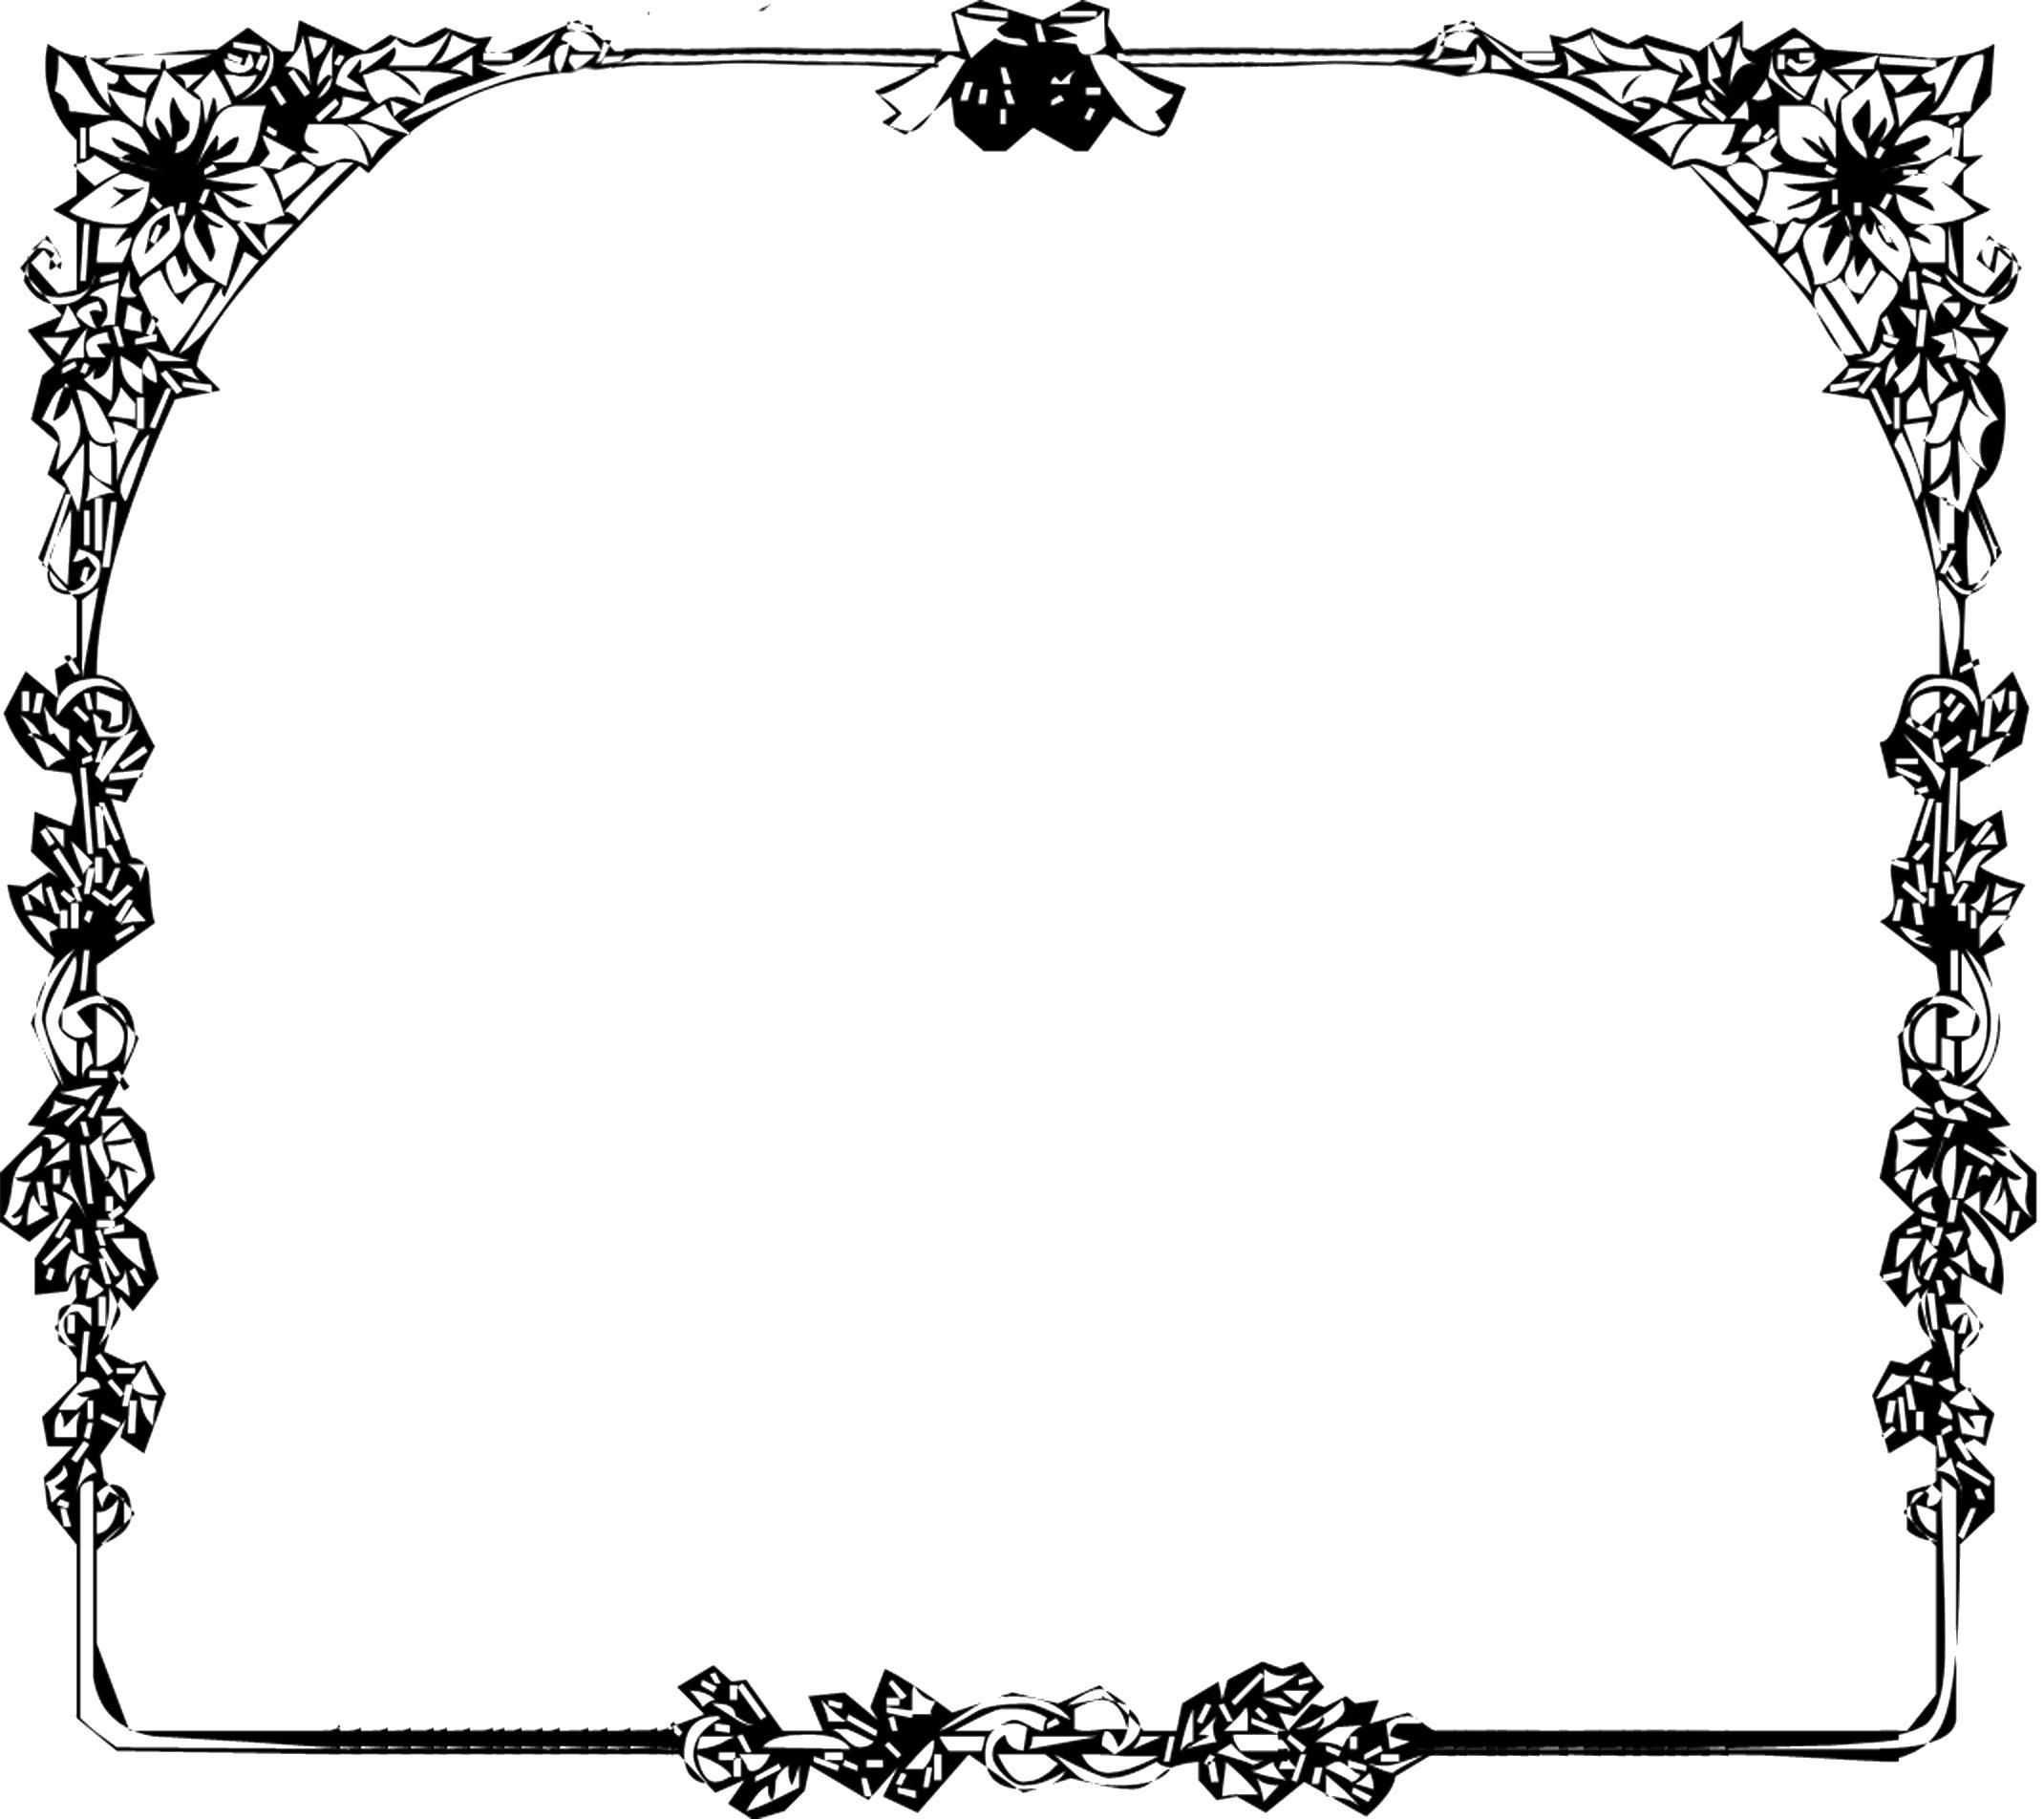 フレーム枠イラスト「花とベル ... : メッセージカード 素材 無料 枠 : カード